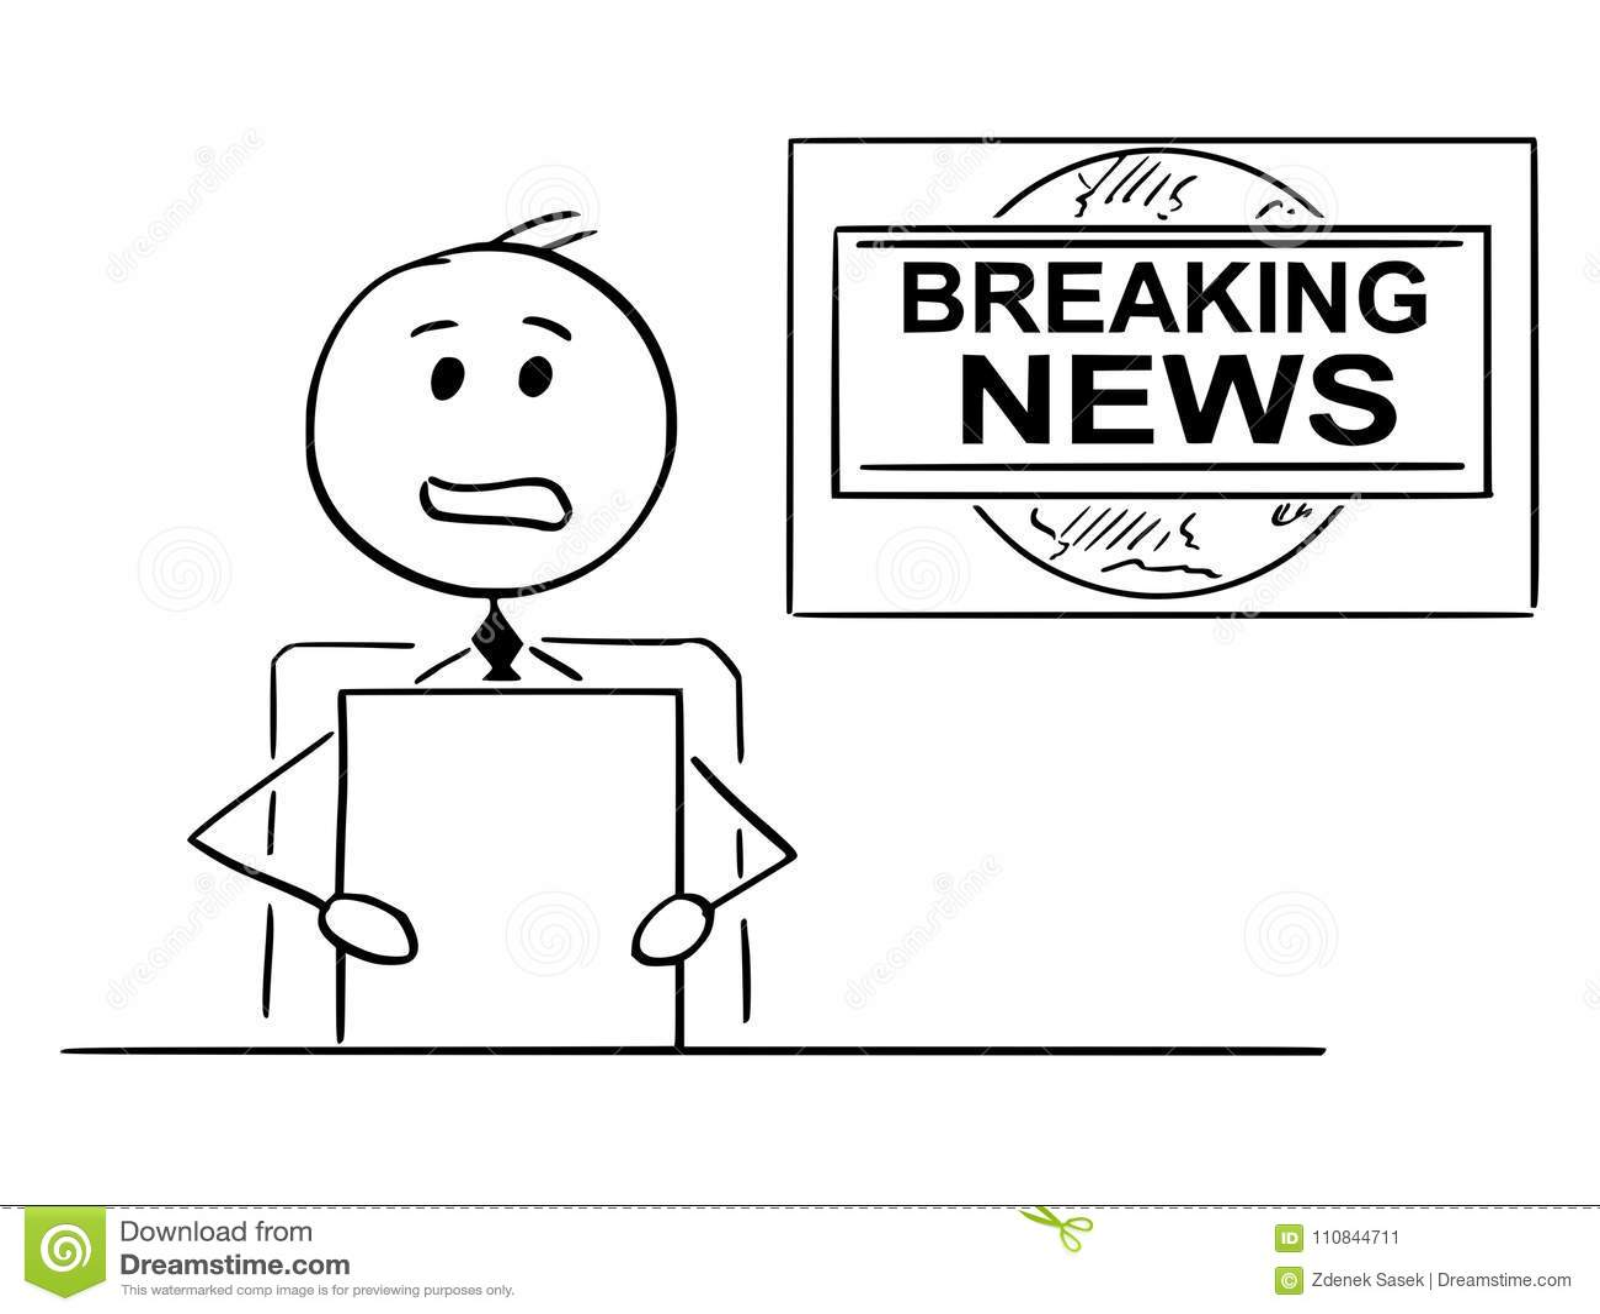 Tv Reporter Stock Illustrations 1 290 Tv Reporter Stock